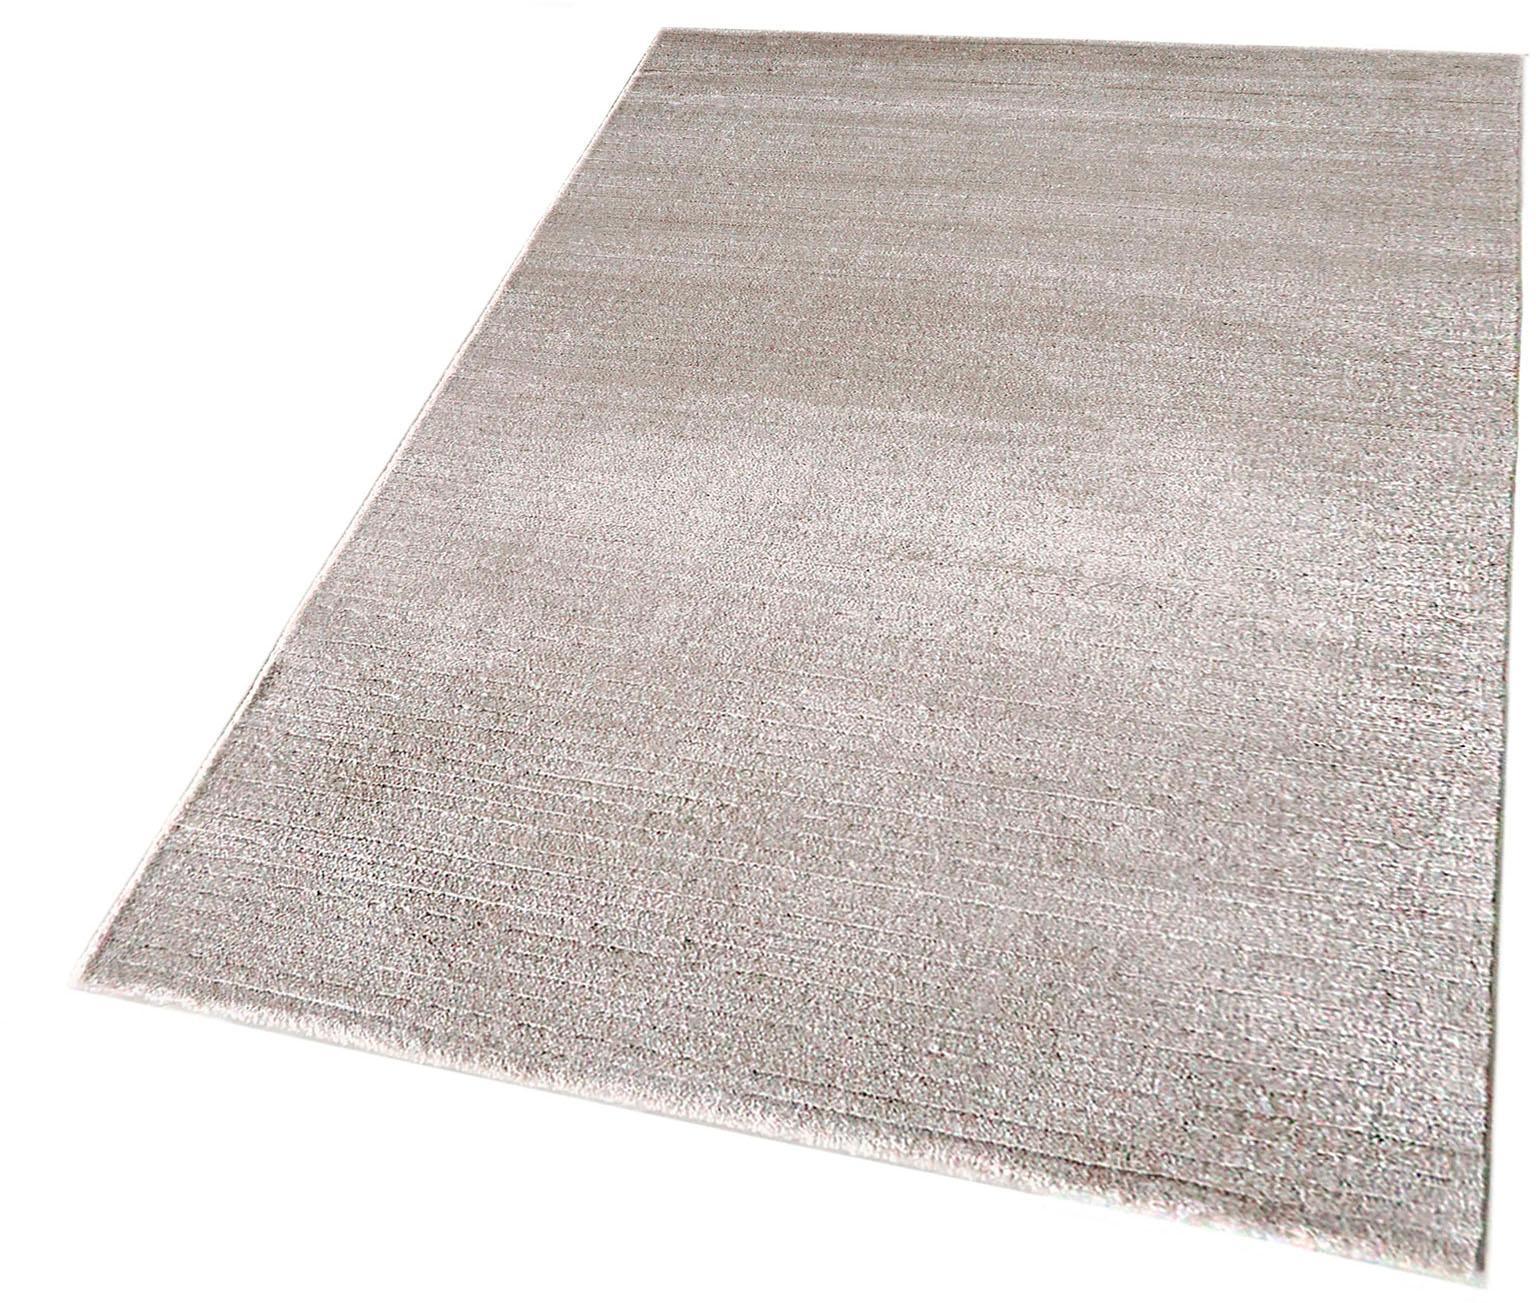 Teppich Lena 302 Sehrazat rechteckig Höhe 13 mm maschinell gewebt